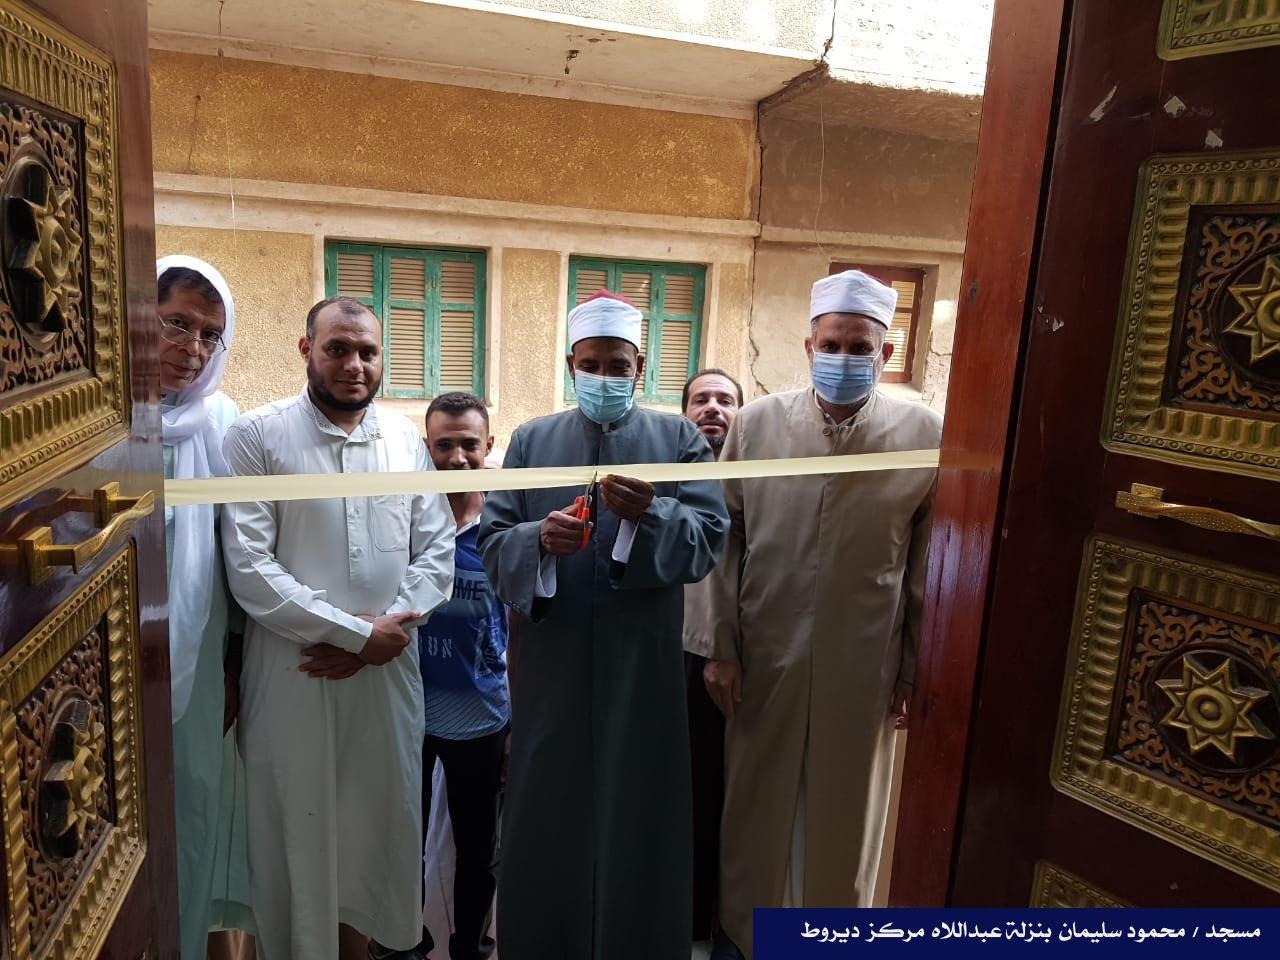 افتتاح 9 مساجد جديدة فى محافظة أسيوط (1)